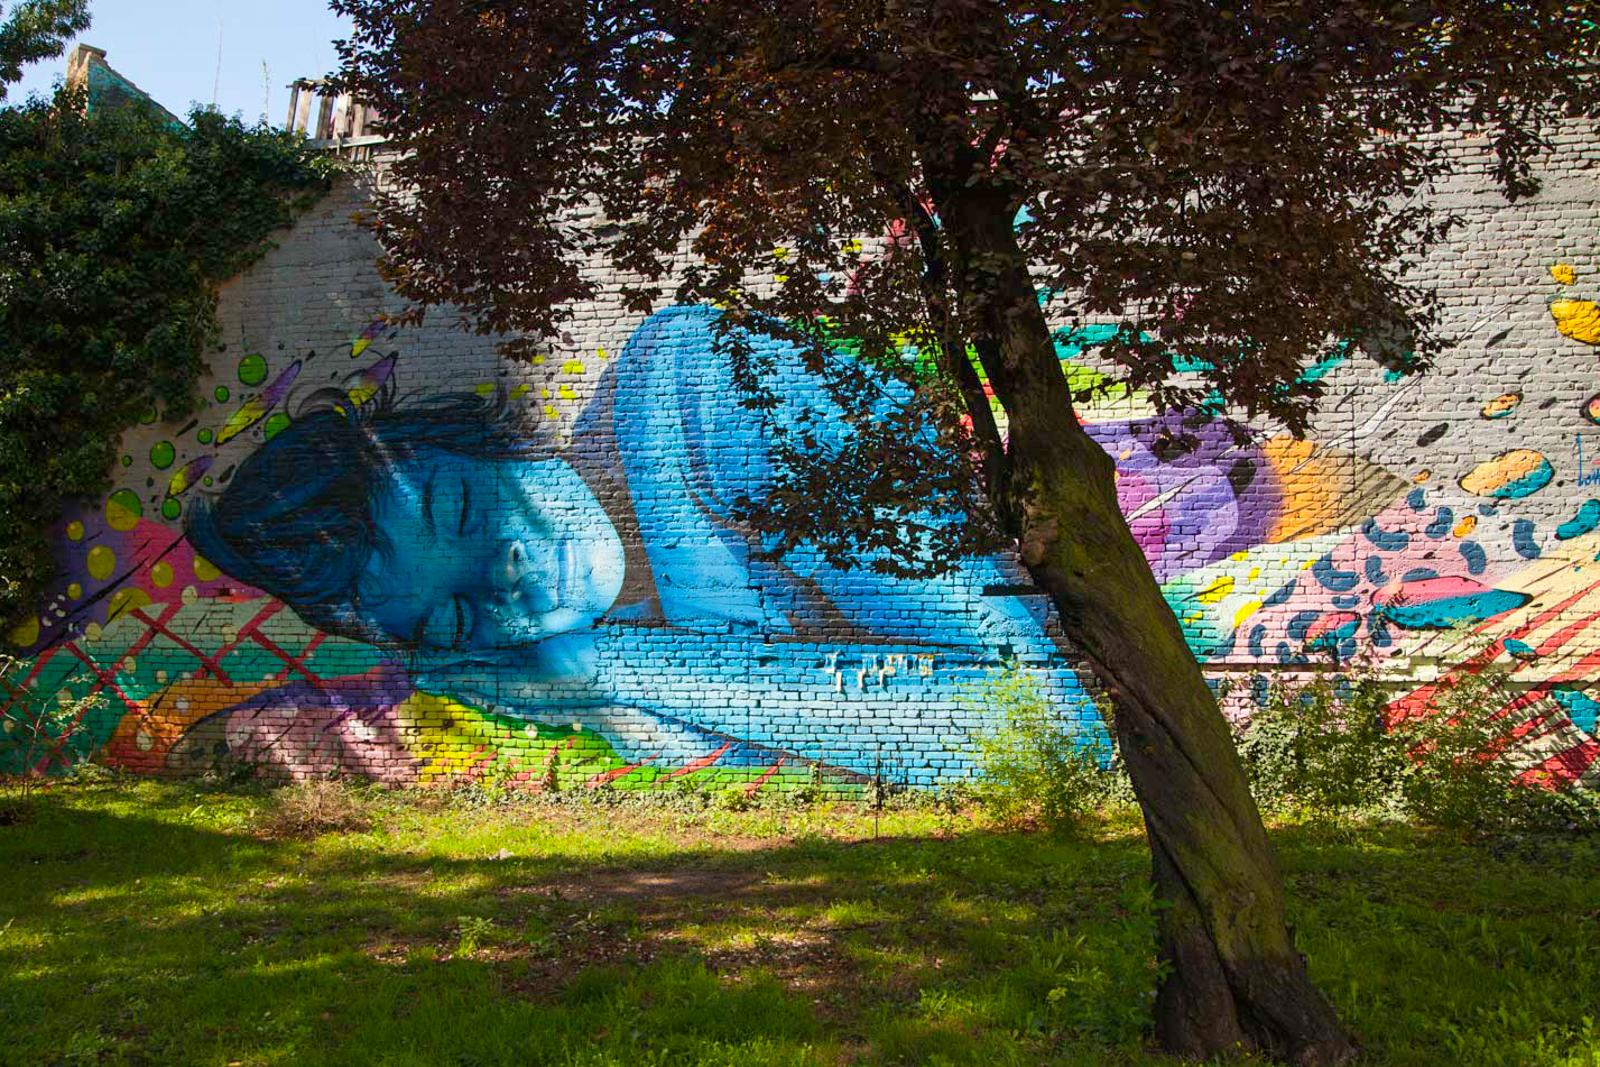 zagreb, croatie, croatie tourisme, zagreb tourisme, zagreb séjour, vacances zagreb, voyage zagreb, street art zagreb